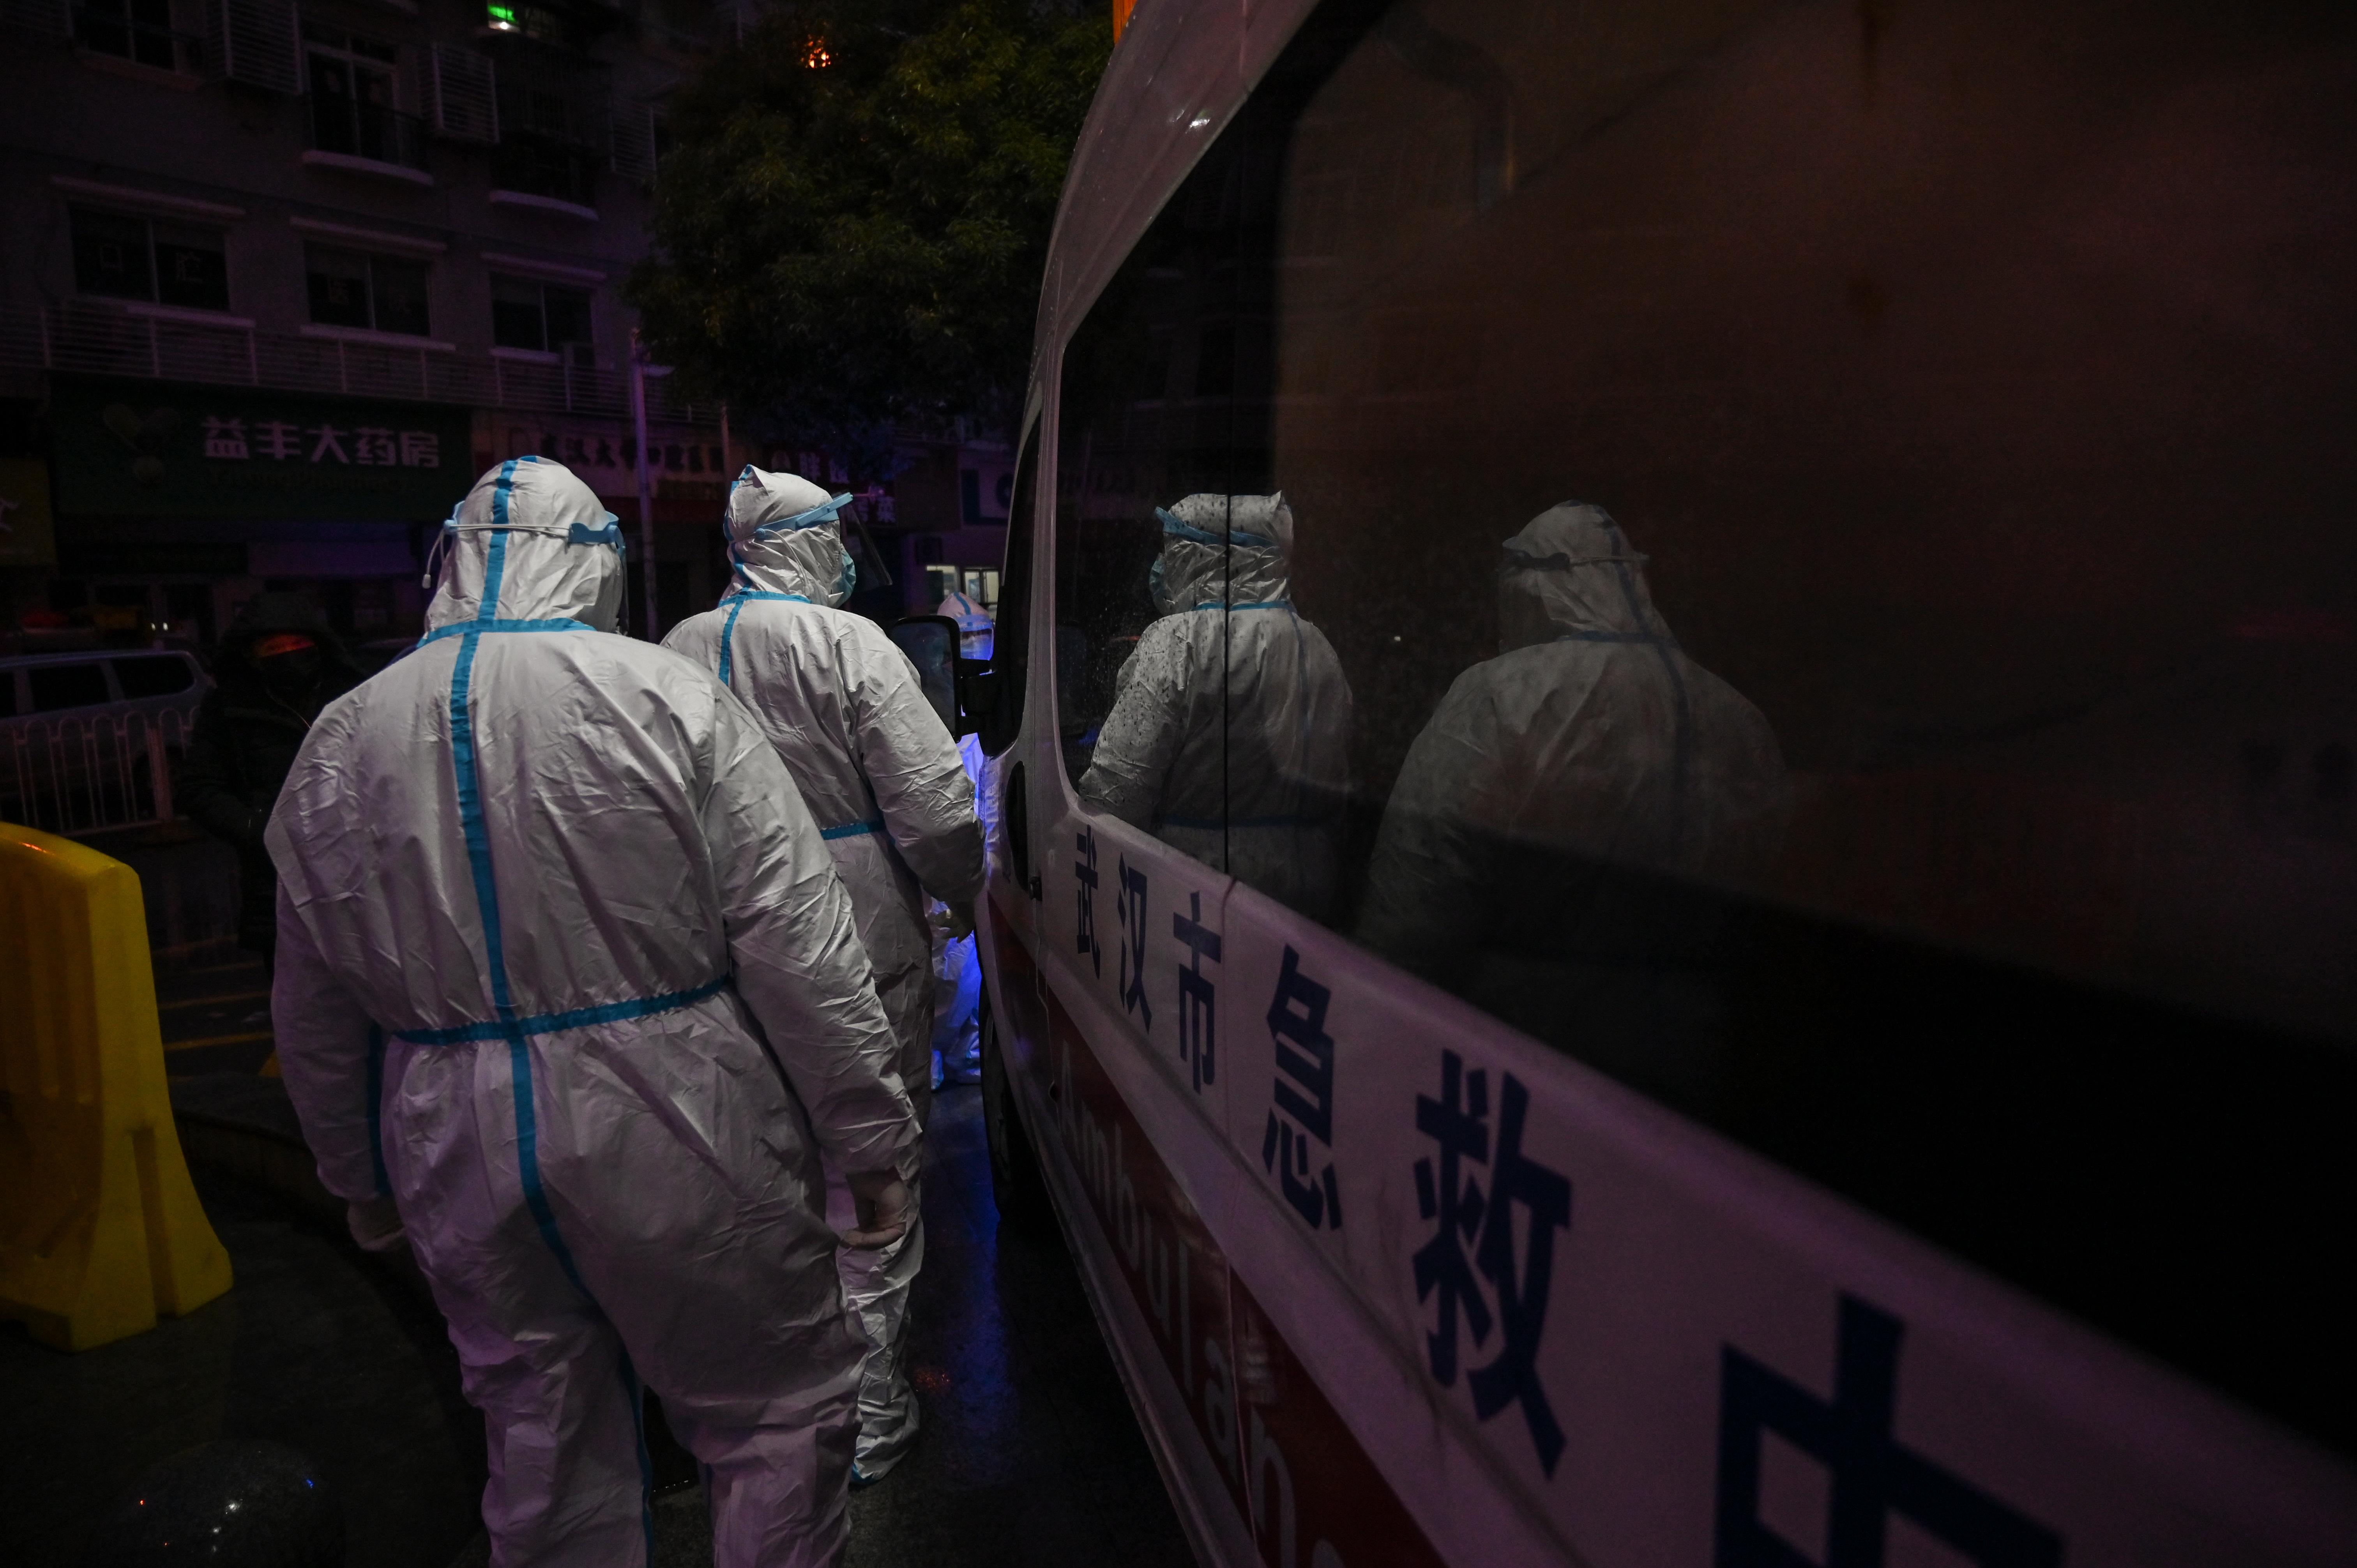 【新冠肺炎】中国:新型冠状病毒可通过接触传播